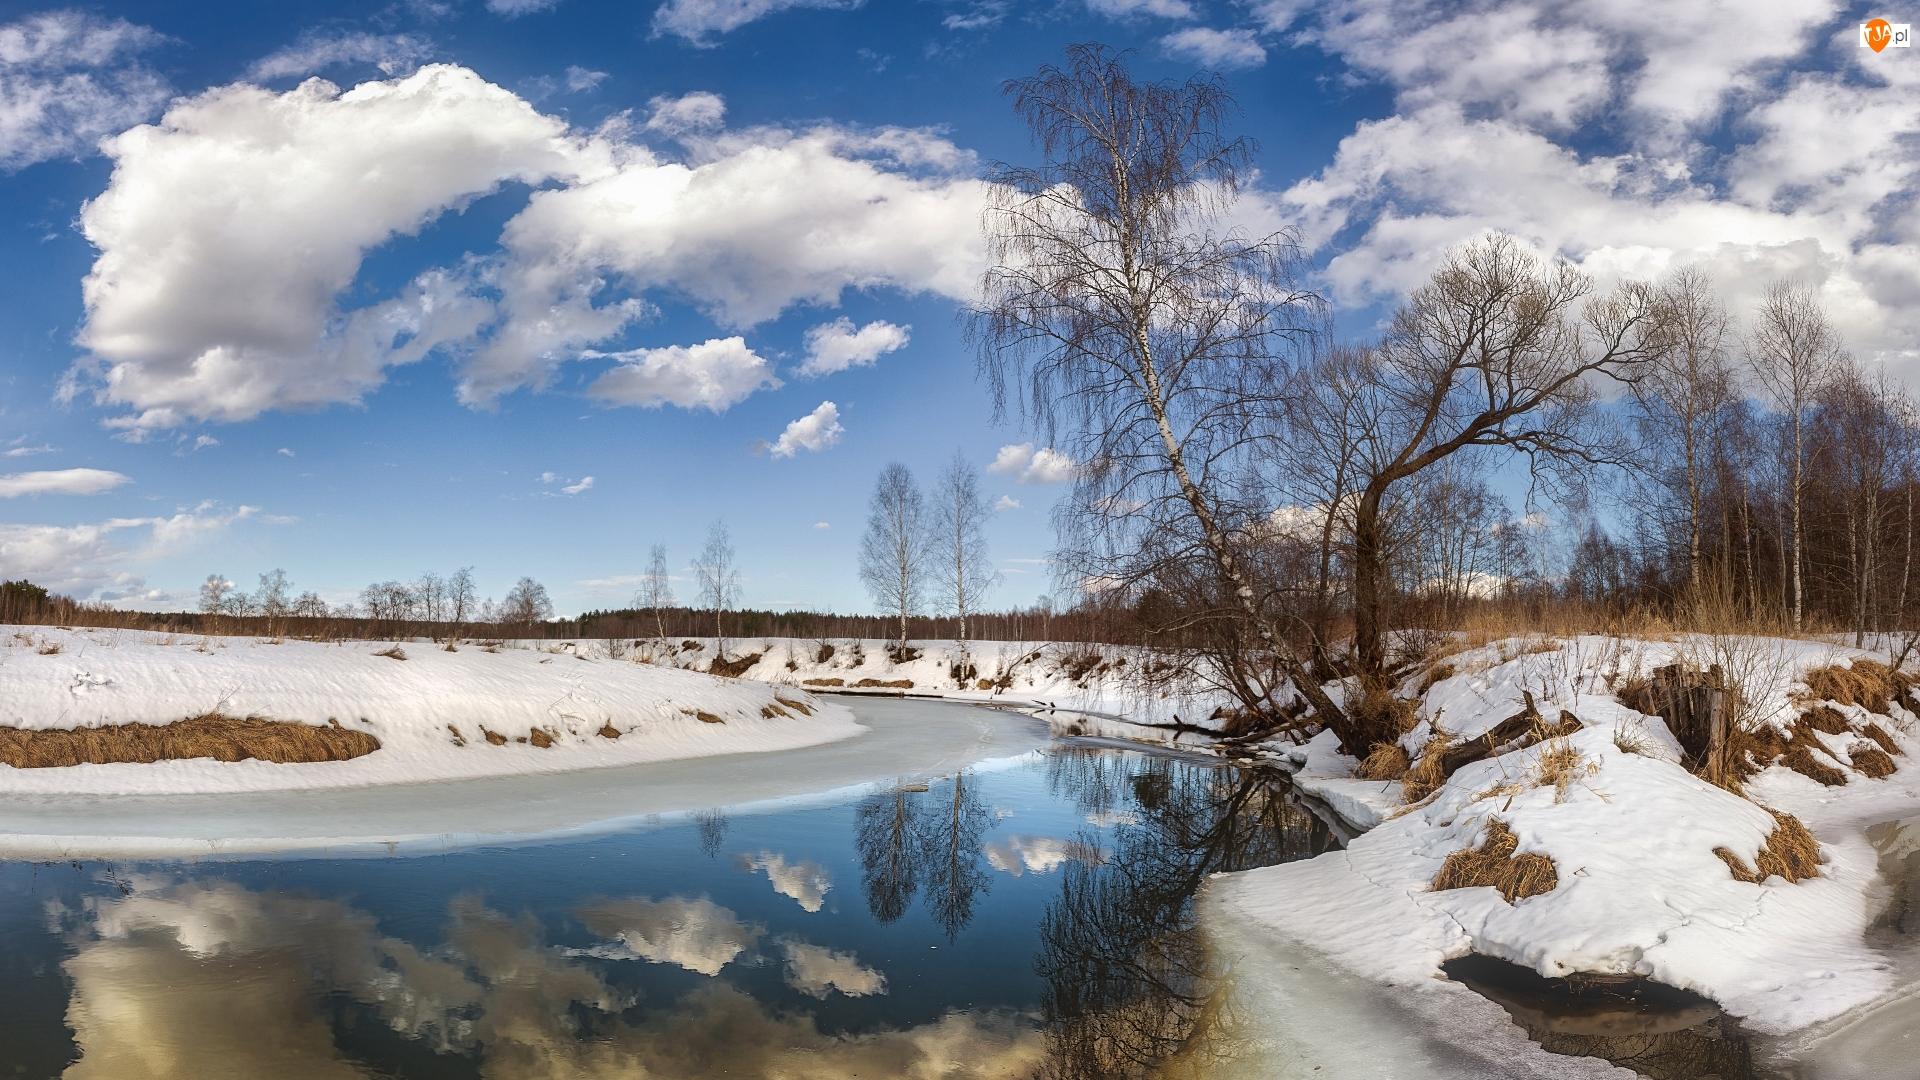 Rzeka, Zima, Drzewa, Chmury, Śnieg, Brzozy